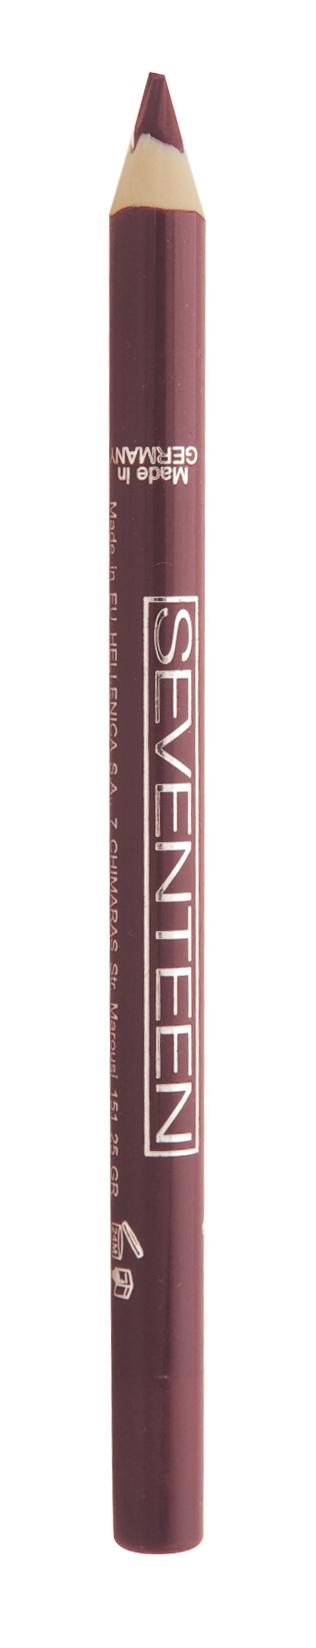 SEVENTEEN Карандаш водостойкий с витамином Е для губ, 29 кофе мокко / Super Smooth W/P Lip Liner 1,2 г